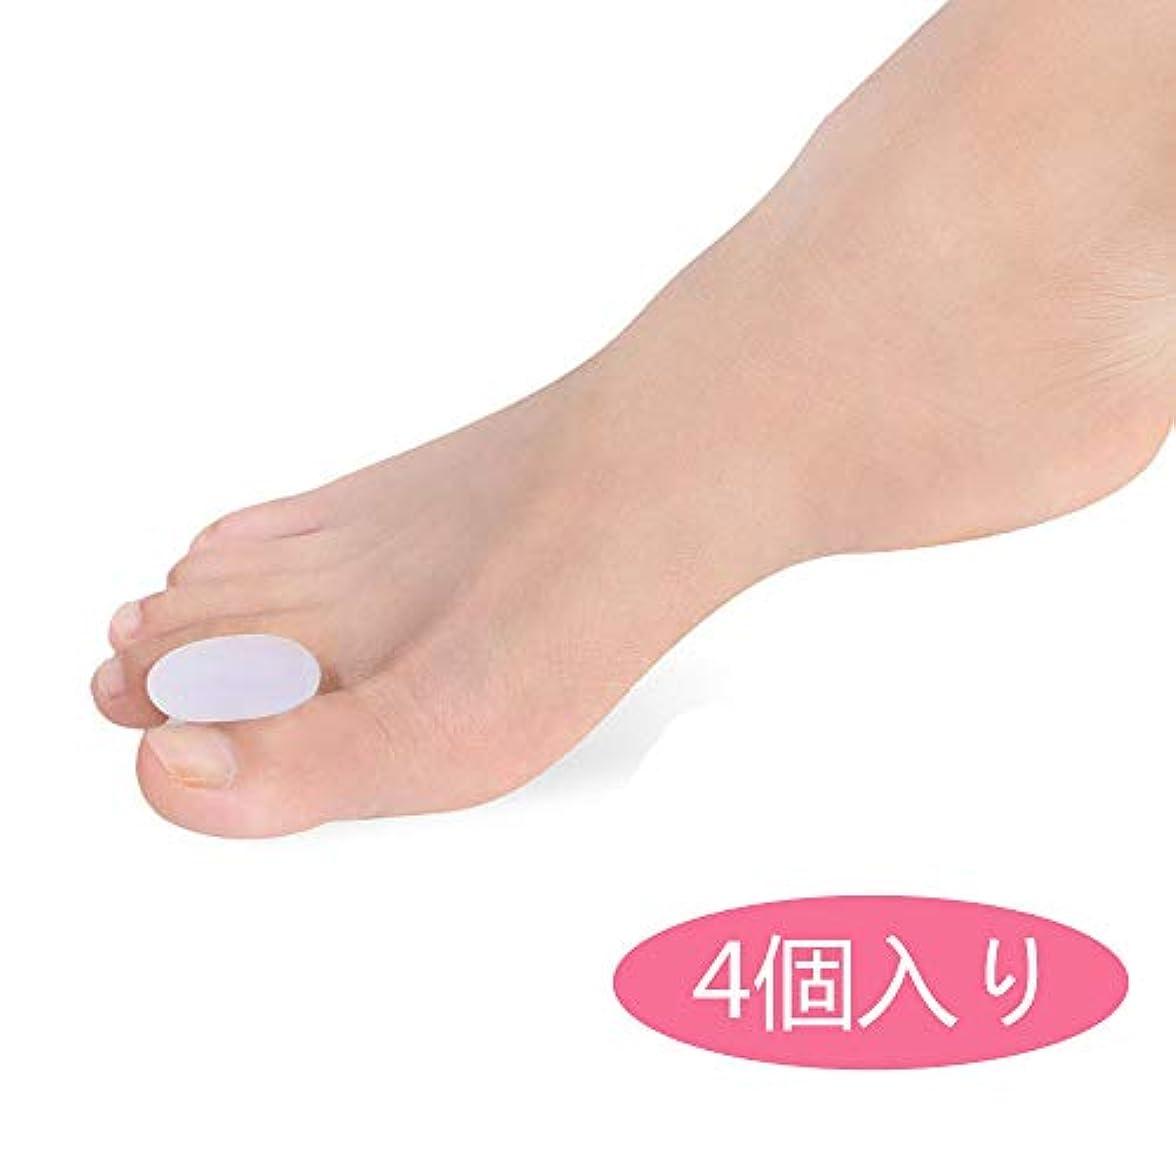 目指すスキル公園OnKJ外反母趾 サポーター 指間ジェルパッド 足指矯正 足指セパレーター 白い 柔らかい (4個入り)